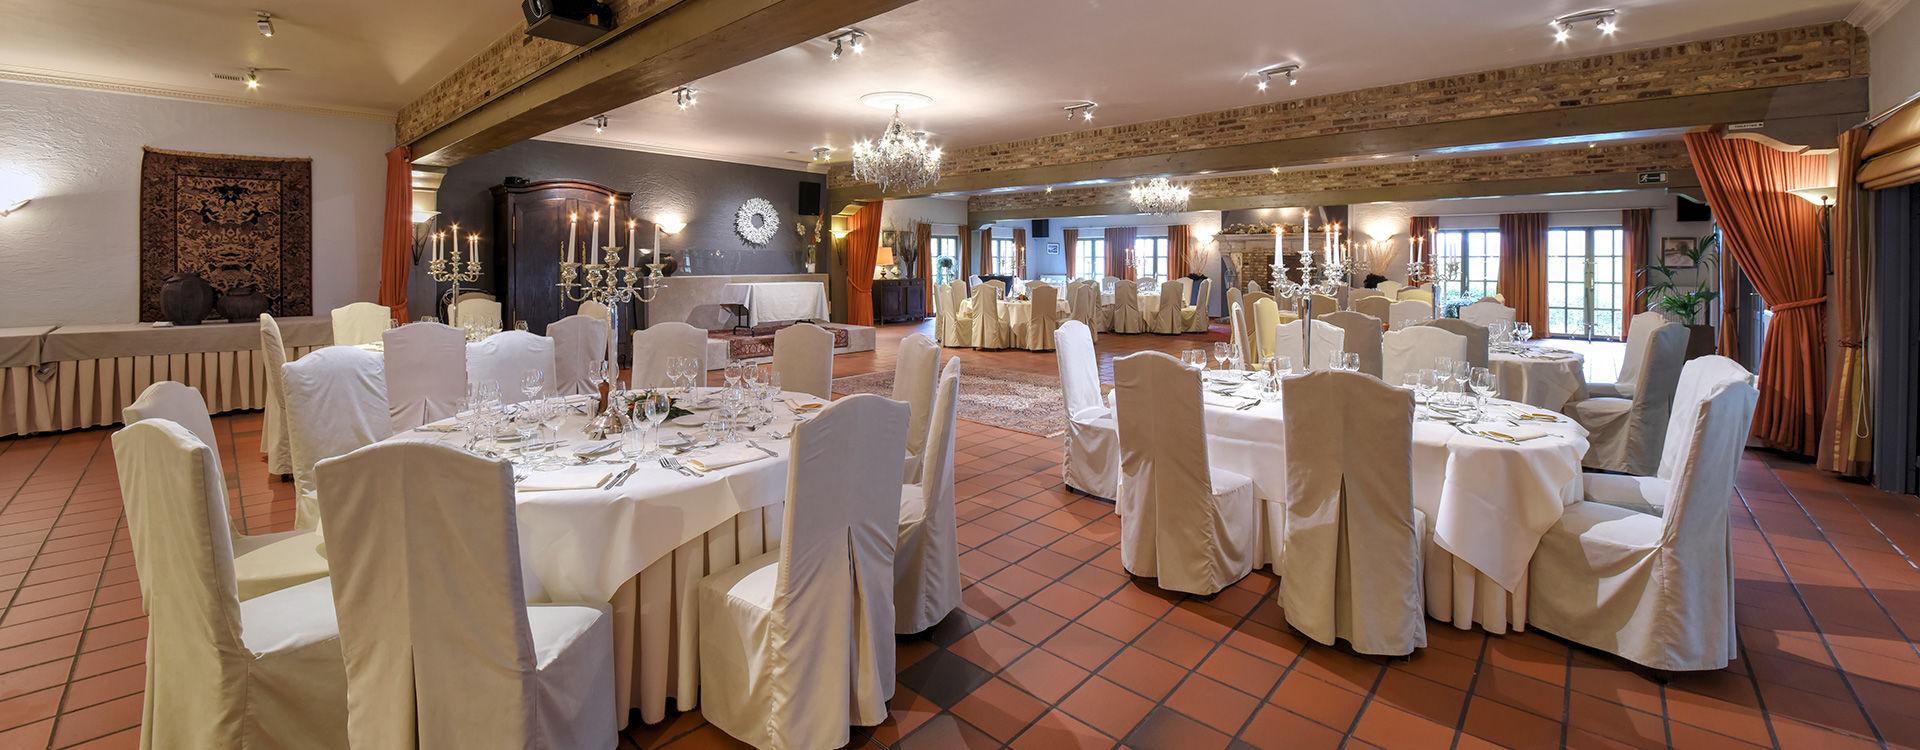 Salles de banquets - Ter Biest